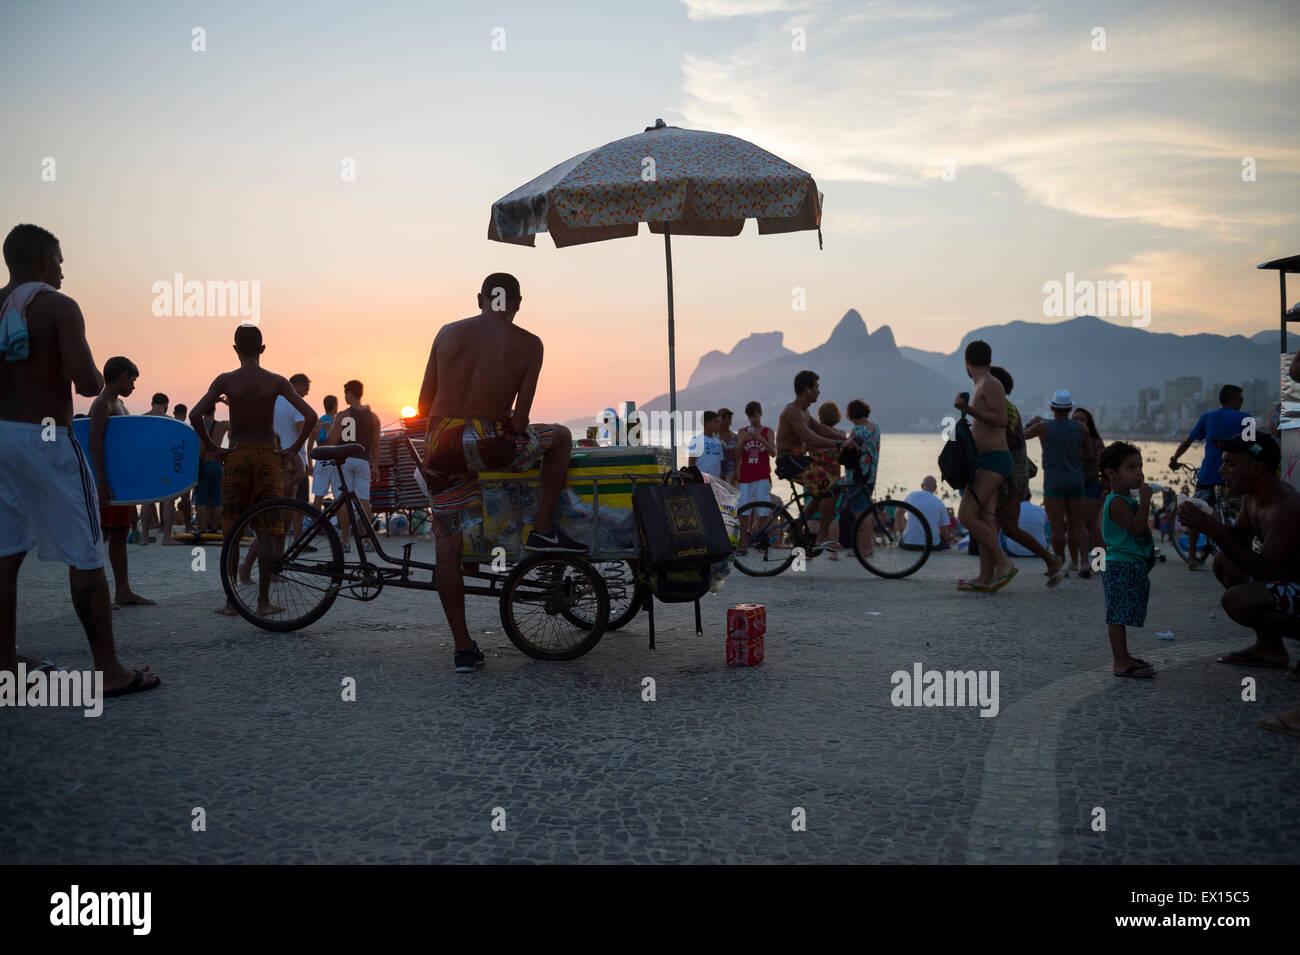 Río de Janeiro, Brasil - 21 de febrero de 2015: Los vendedores y los turistas se reúnen en Arpoador diarios Imagen De Stock